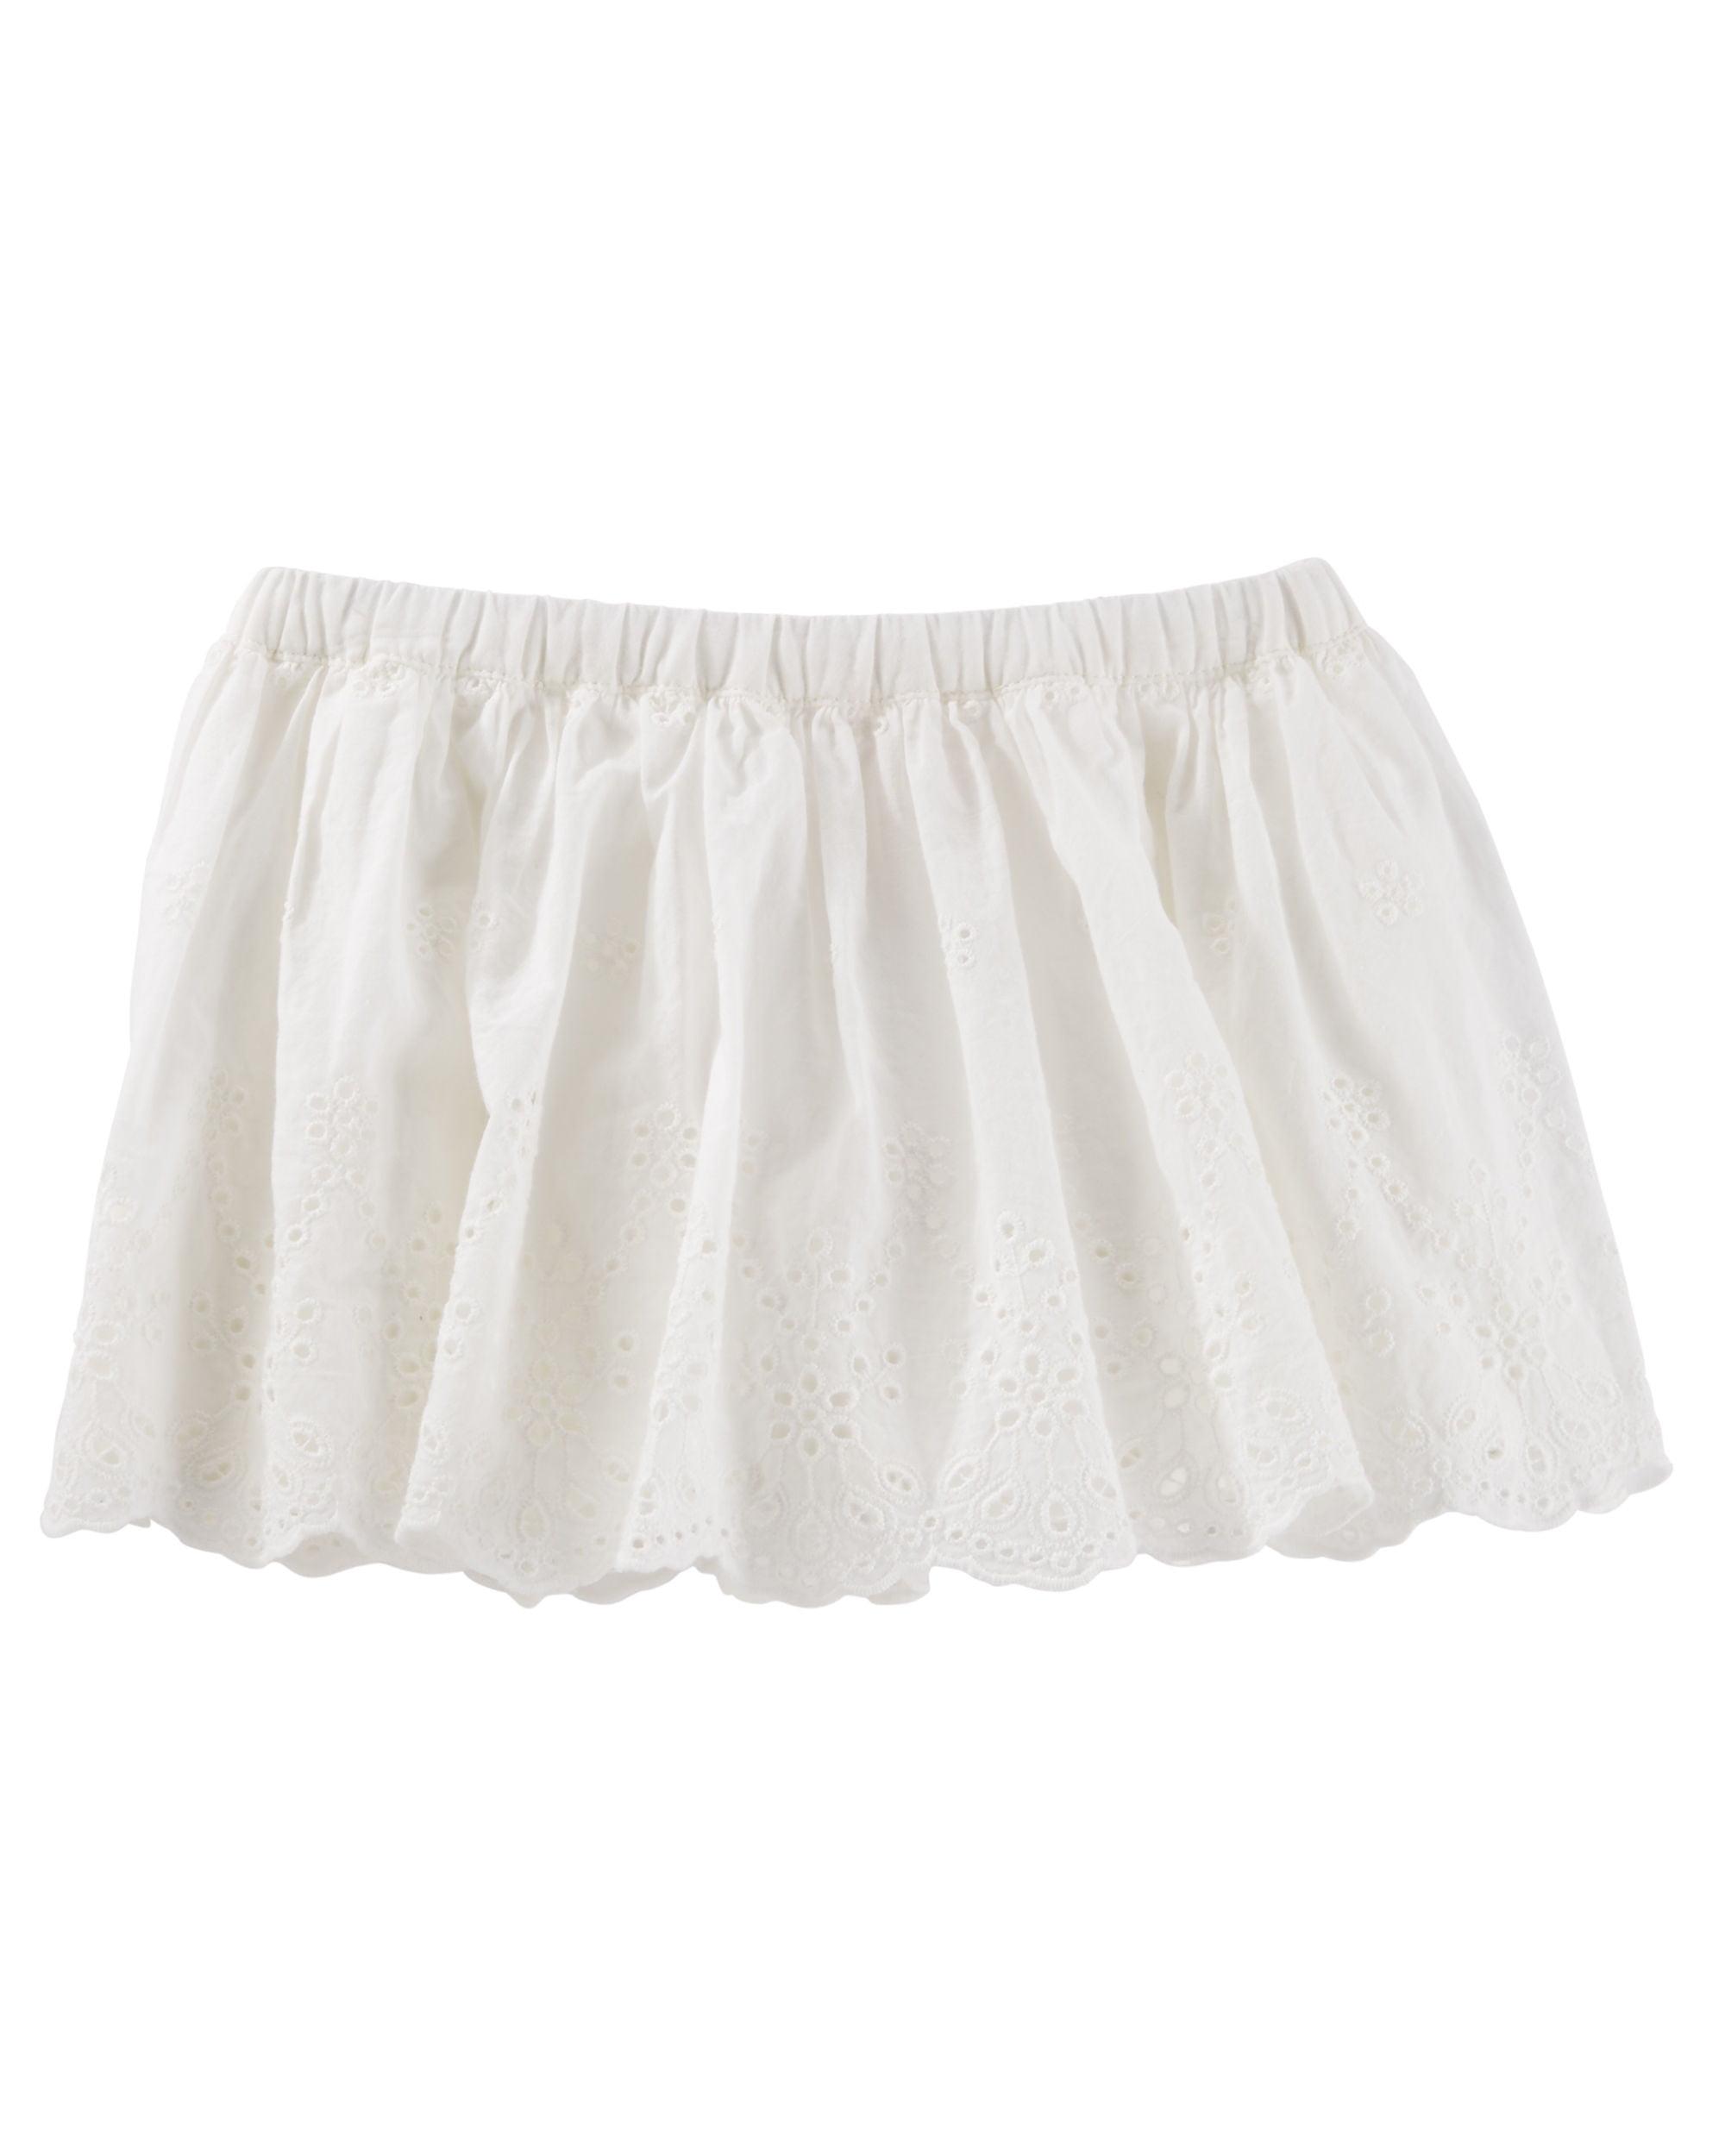 OshKosh B'gosh Baby Girls' 2 Piece Eyelet Border Skirt, 18 Months